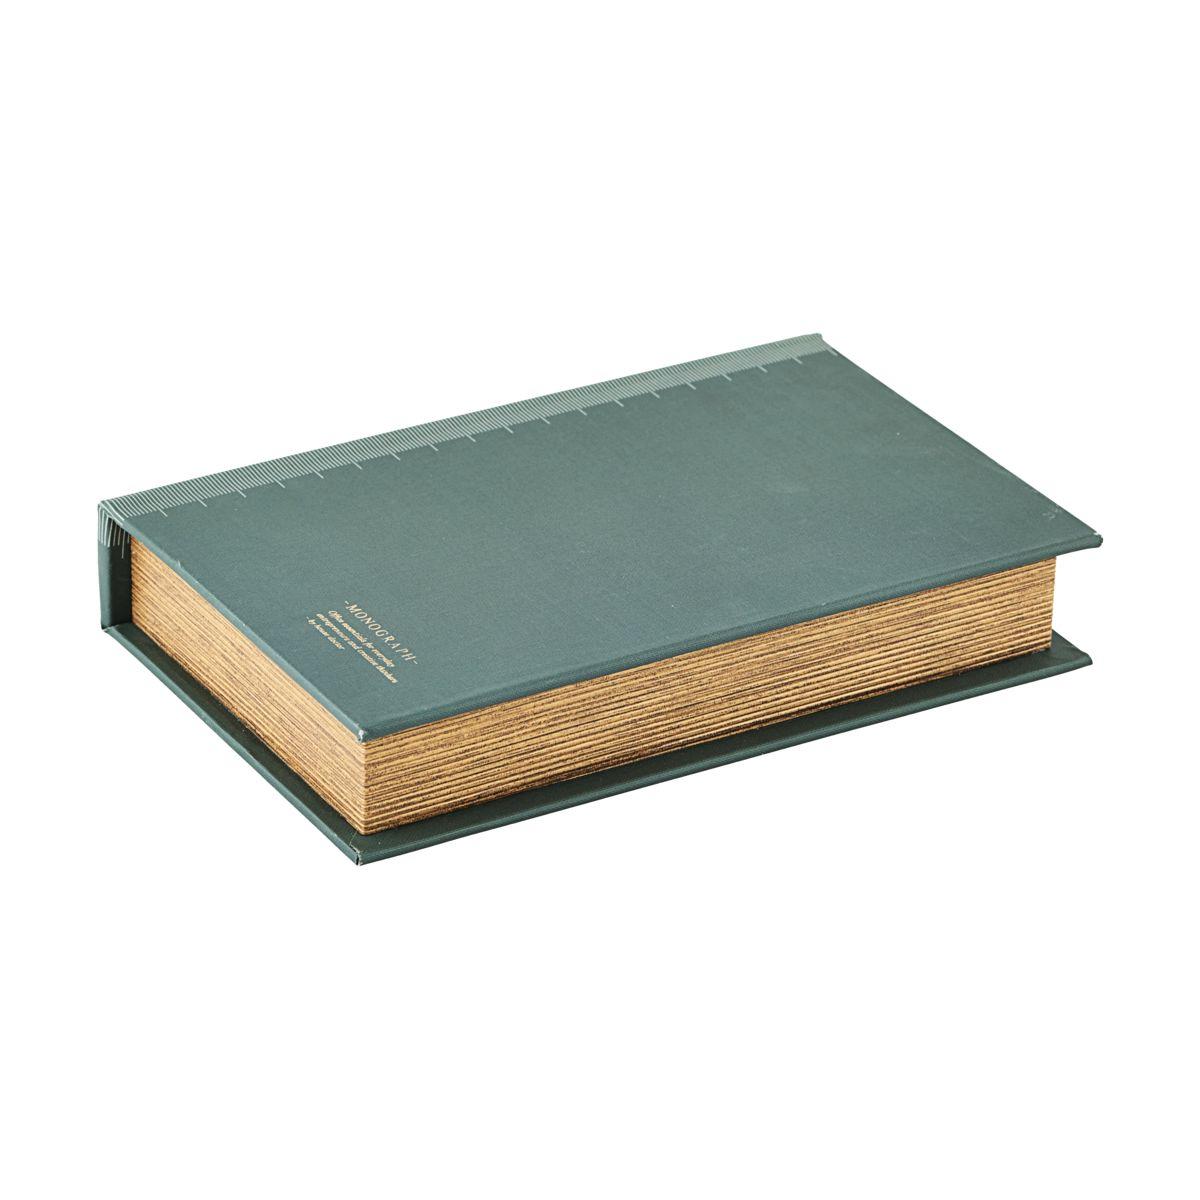 Image of   Monograph Opbevaring/bog, Ruller, grøn, 26x17x5 cm